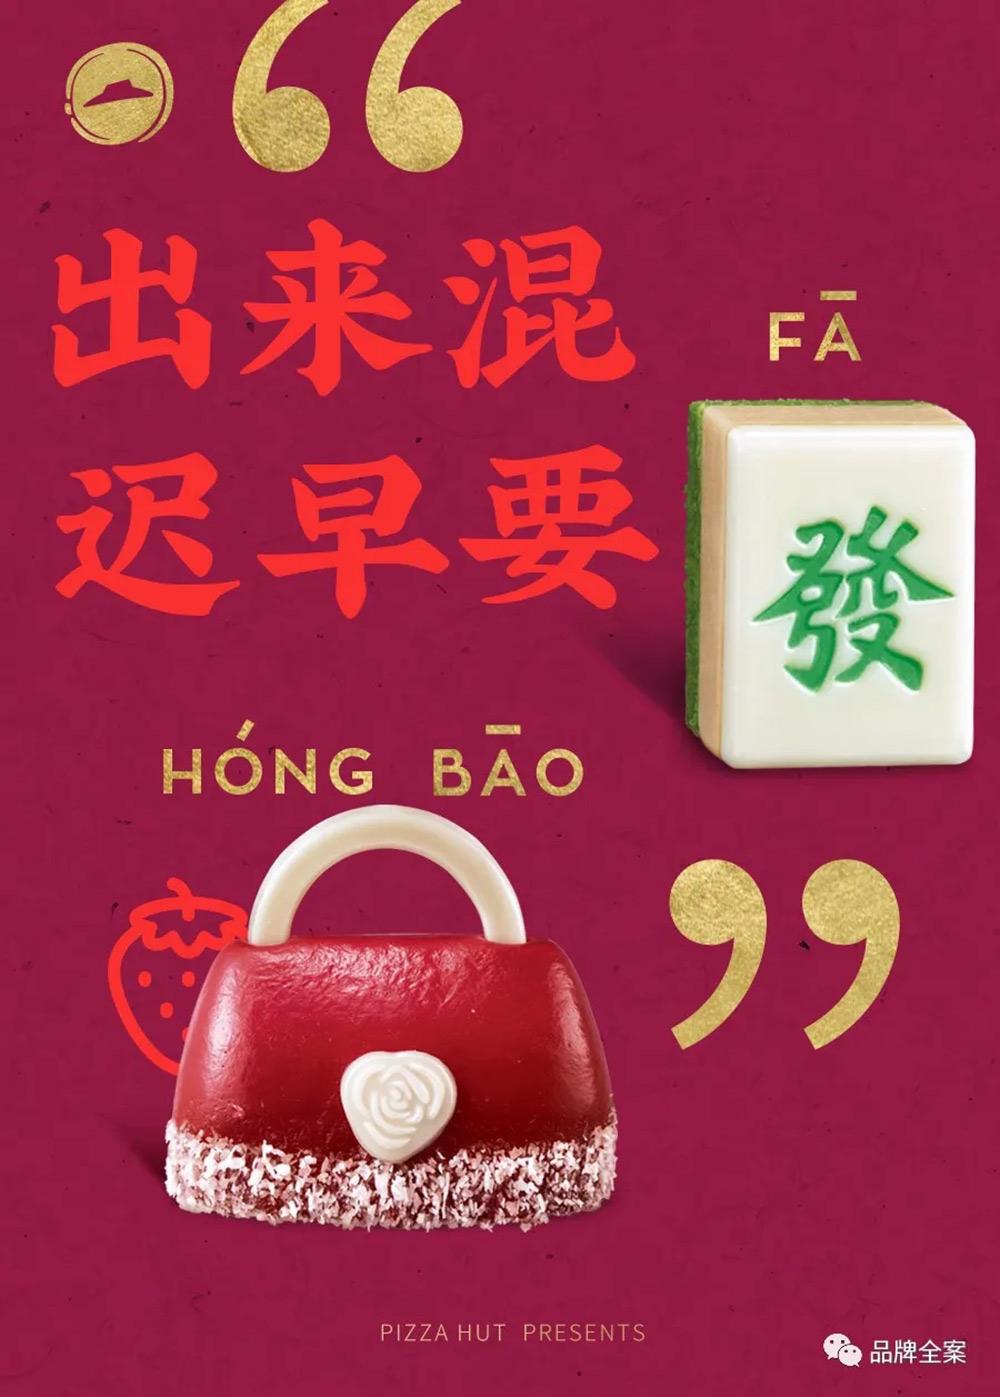 必胜客彩头十足的甜点「包你发财」海报